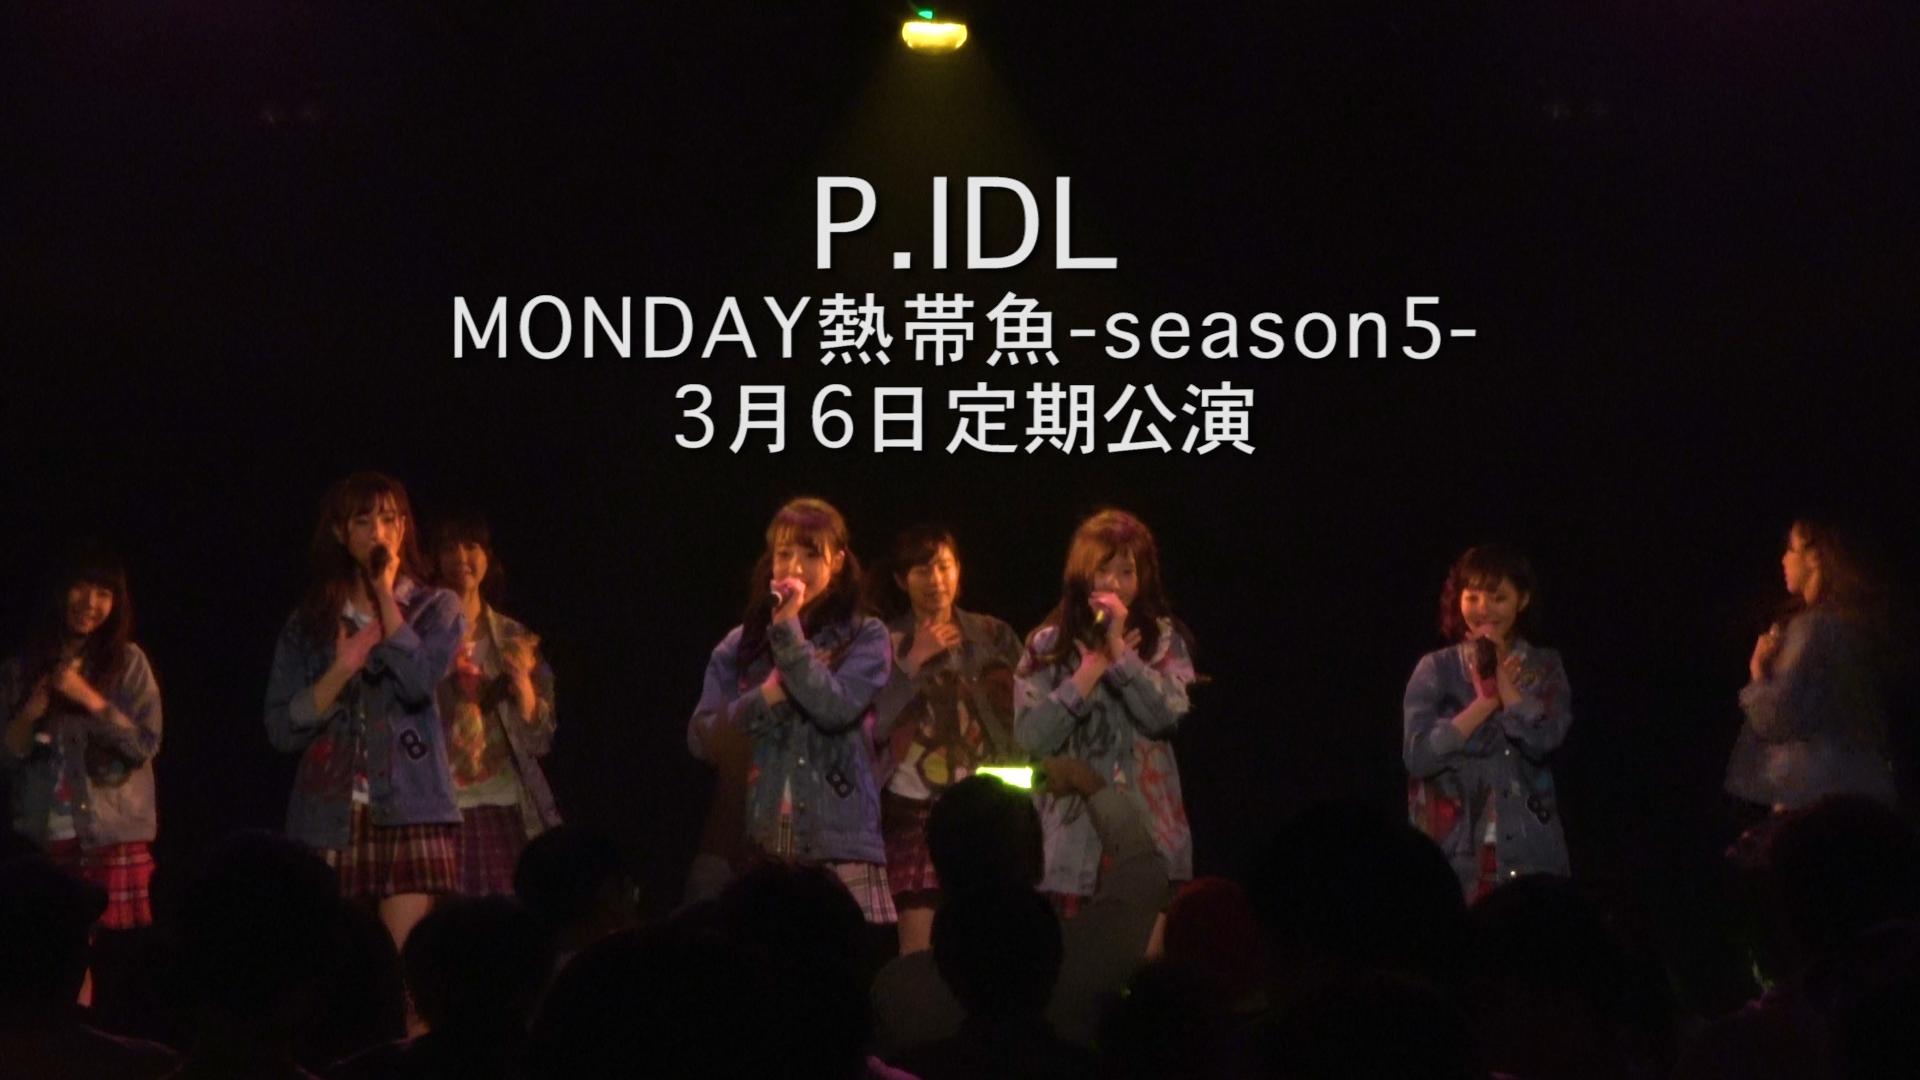 """3月6日P.IDL定期公演""""MONDAY熱帯魚-season5-"""""""